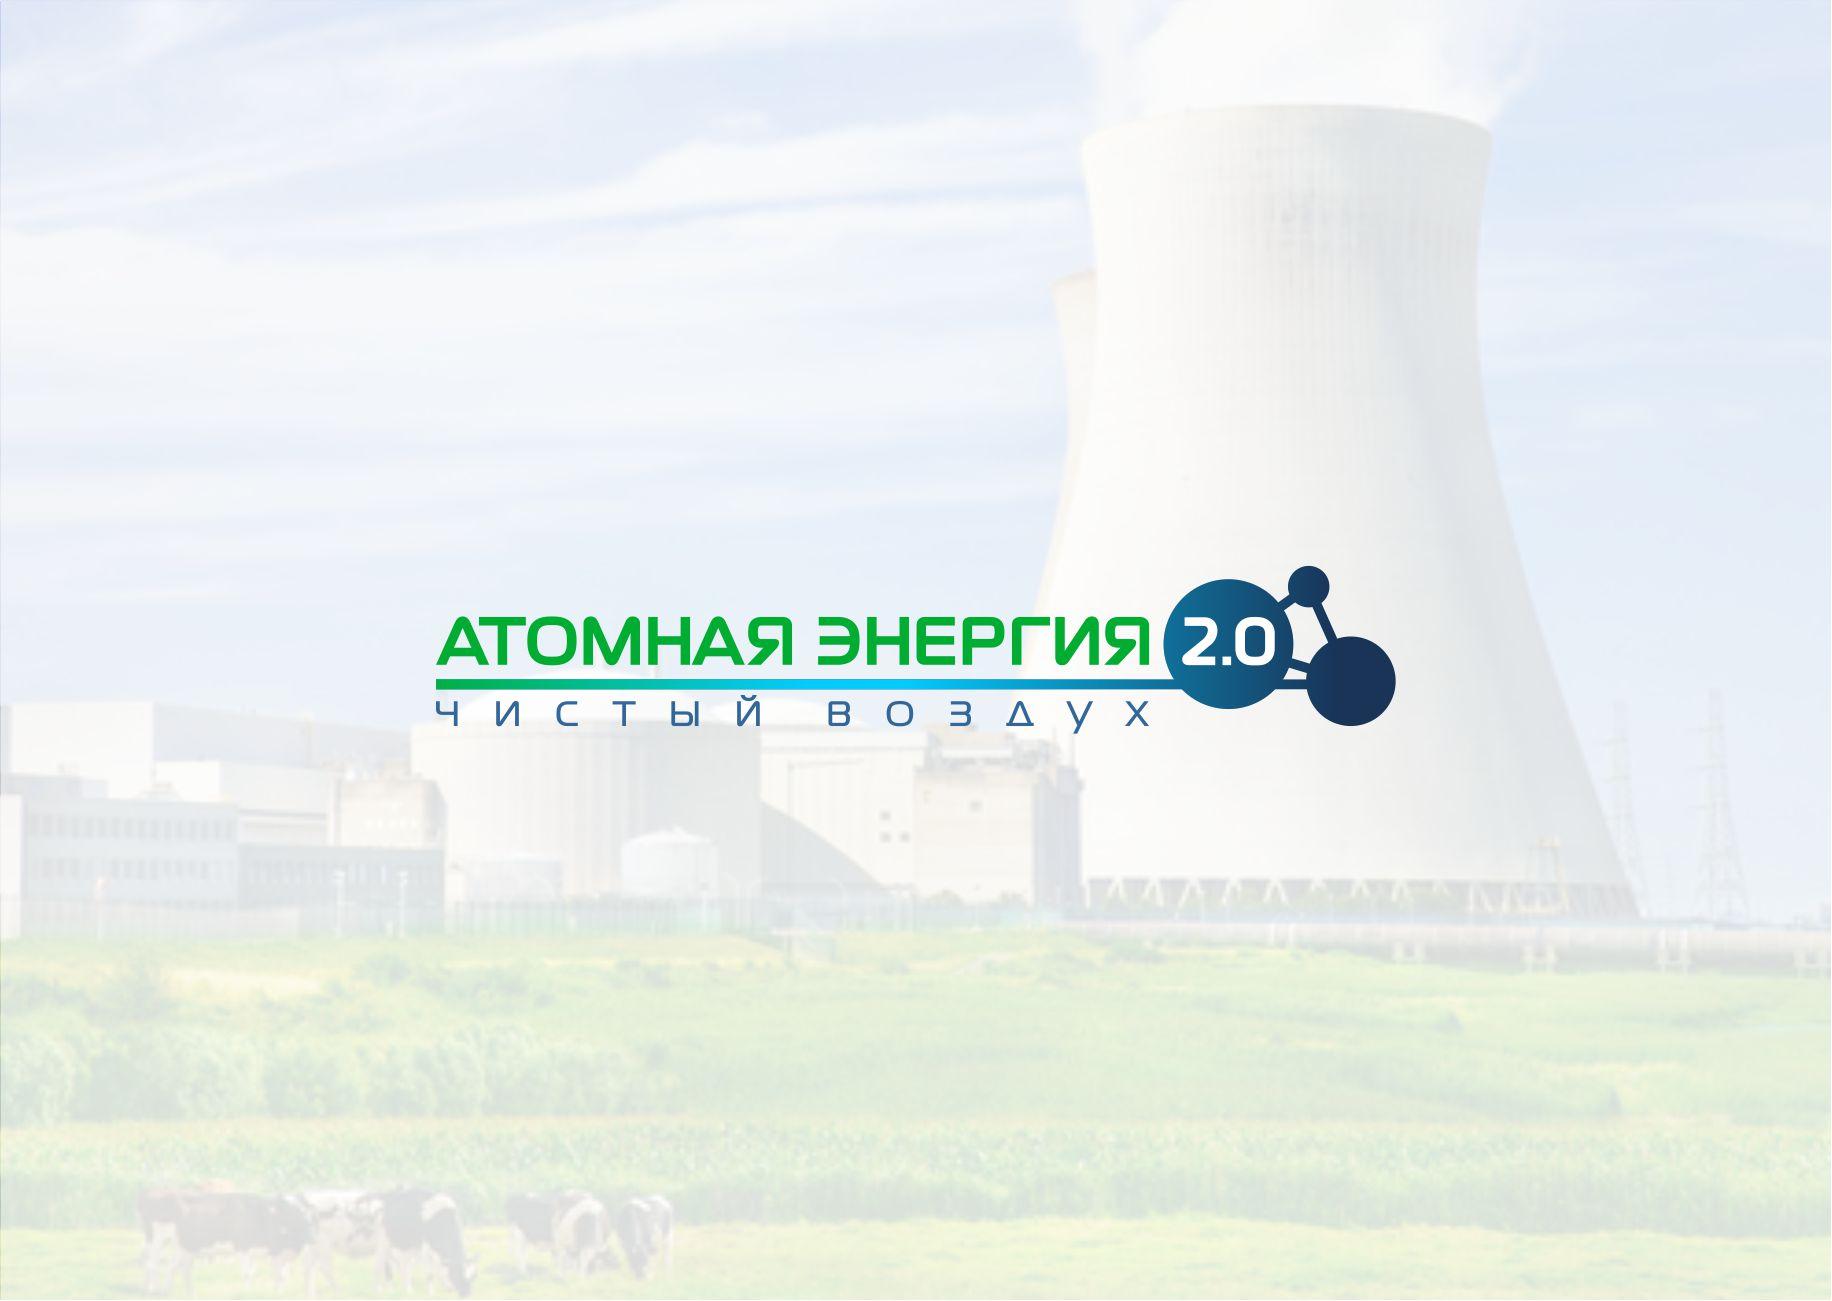 """Фирменный стиль для научного портала """"Атомная энергия 2.0"""" фото f_10459e8ae339da2a.jpg"""